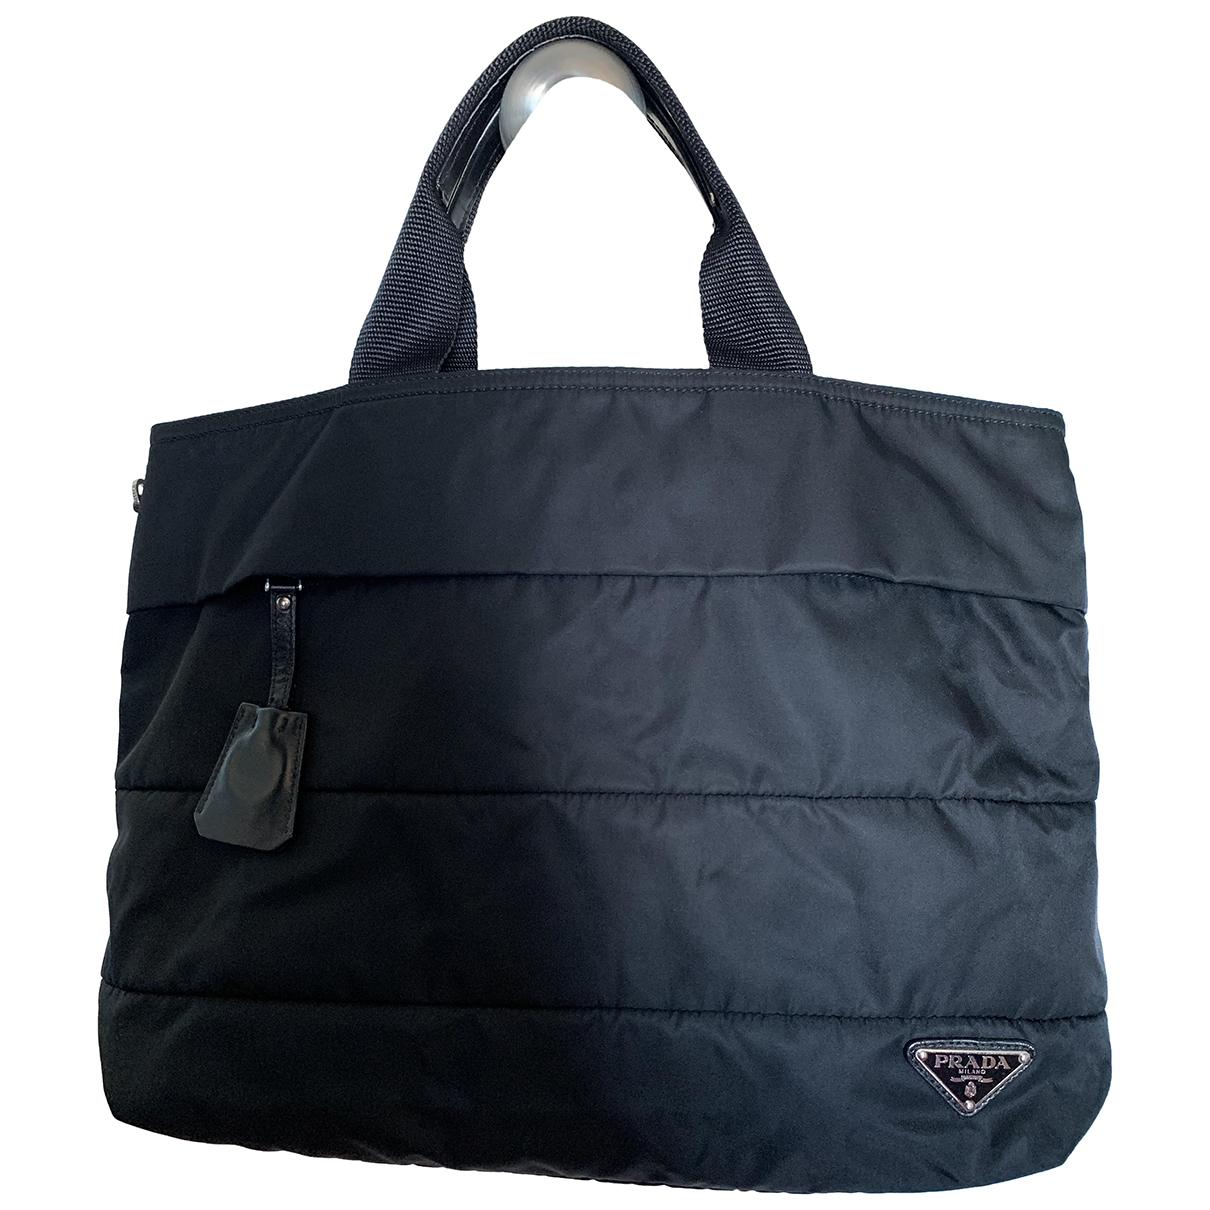 Prada Tessuto  Handtasche in  Schwarz Leinen